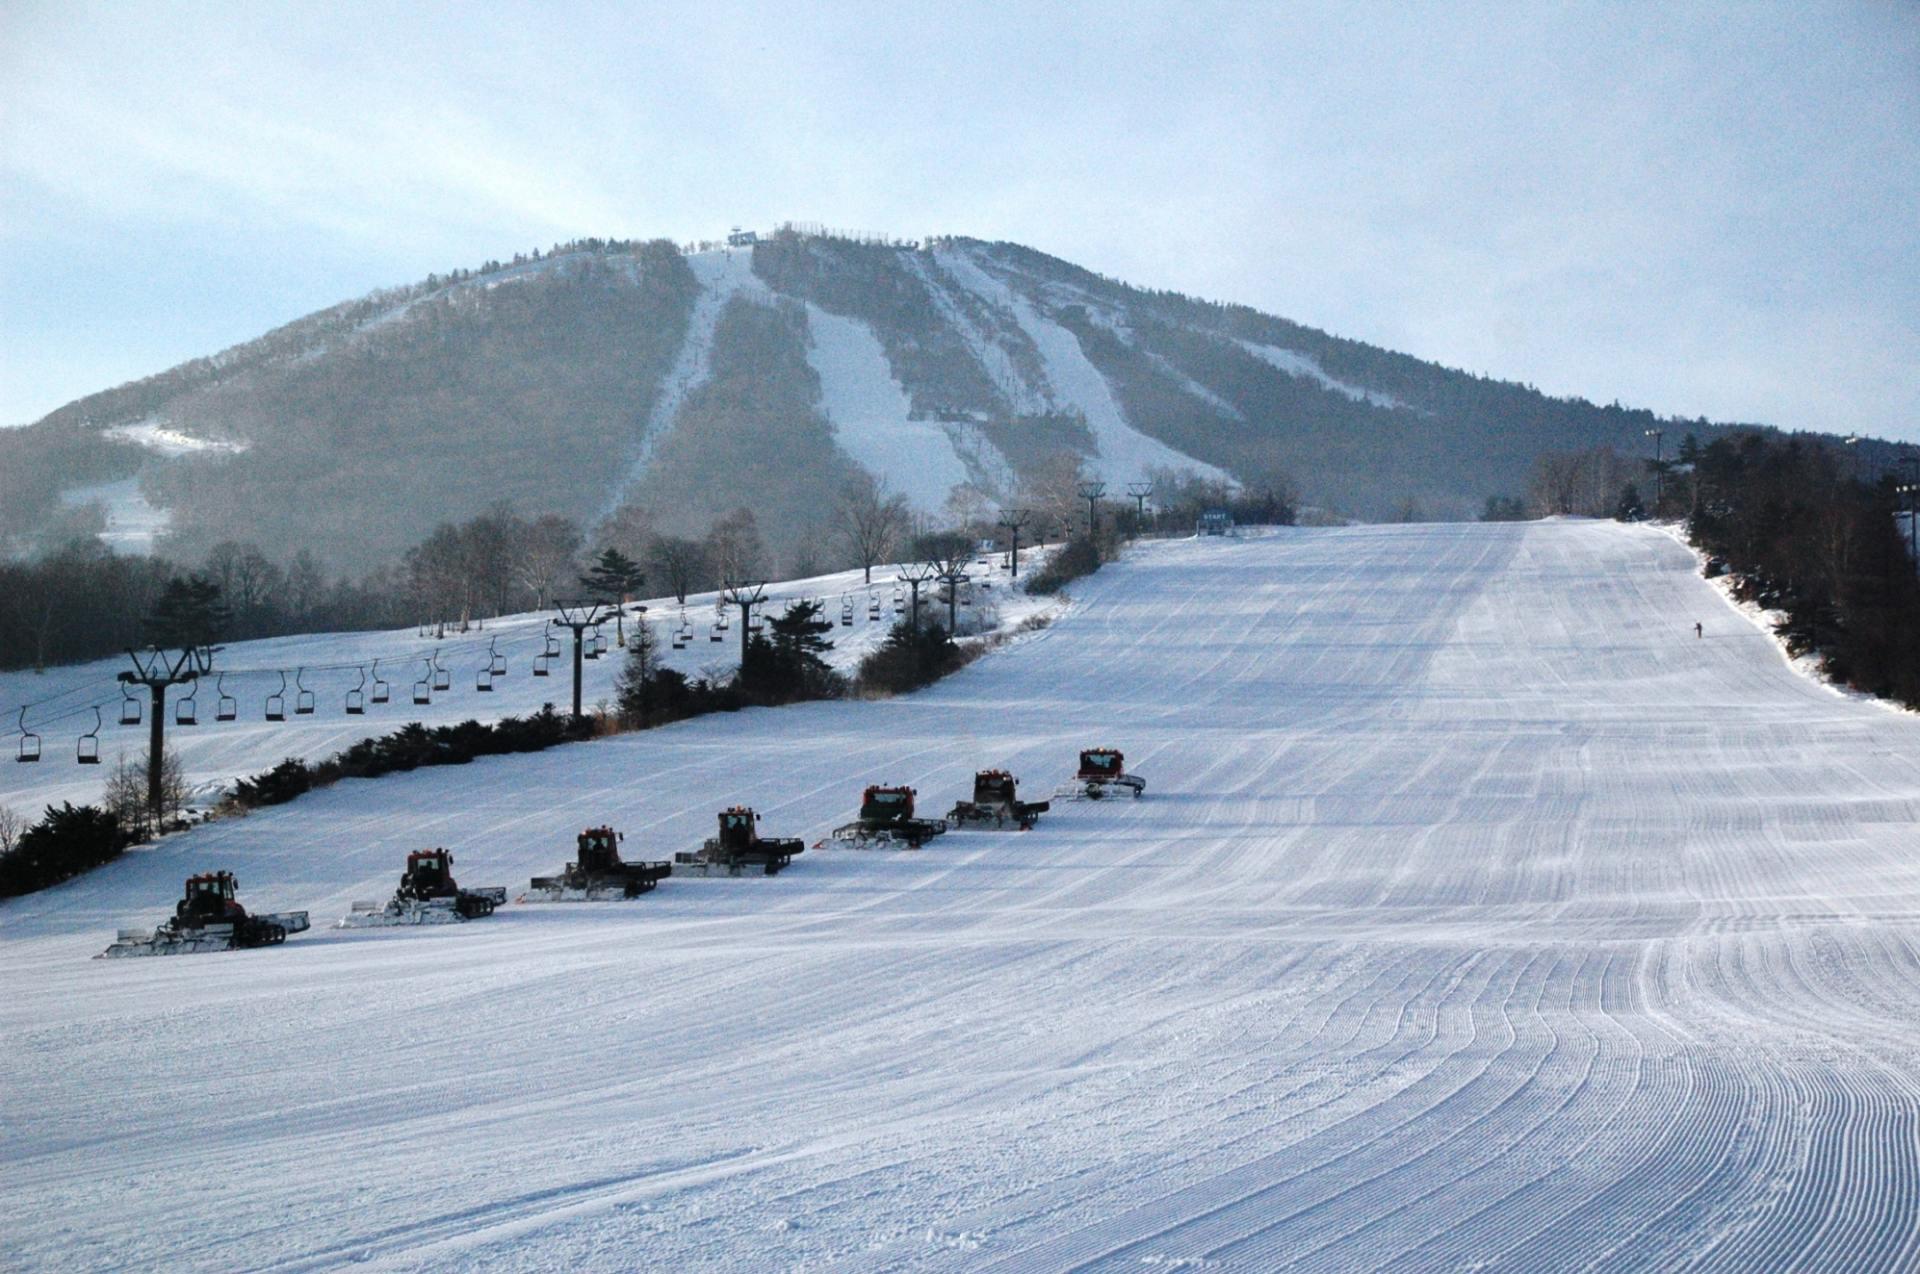 還擁有5.5公里的長程滑道,滑雪高手也能盡興。